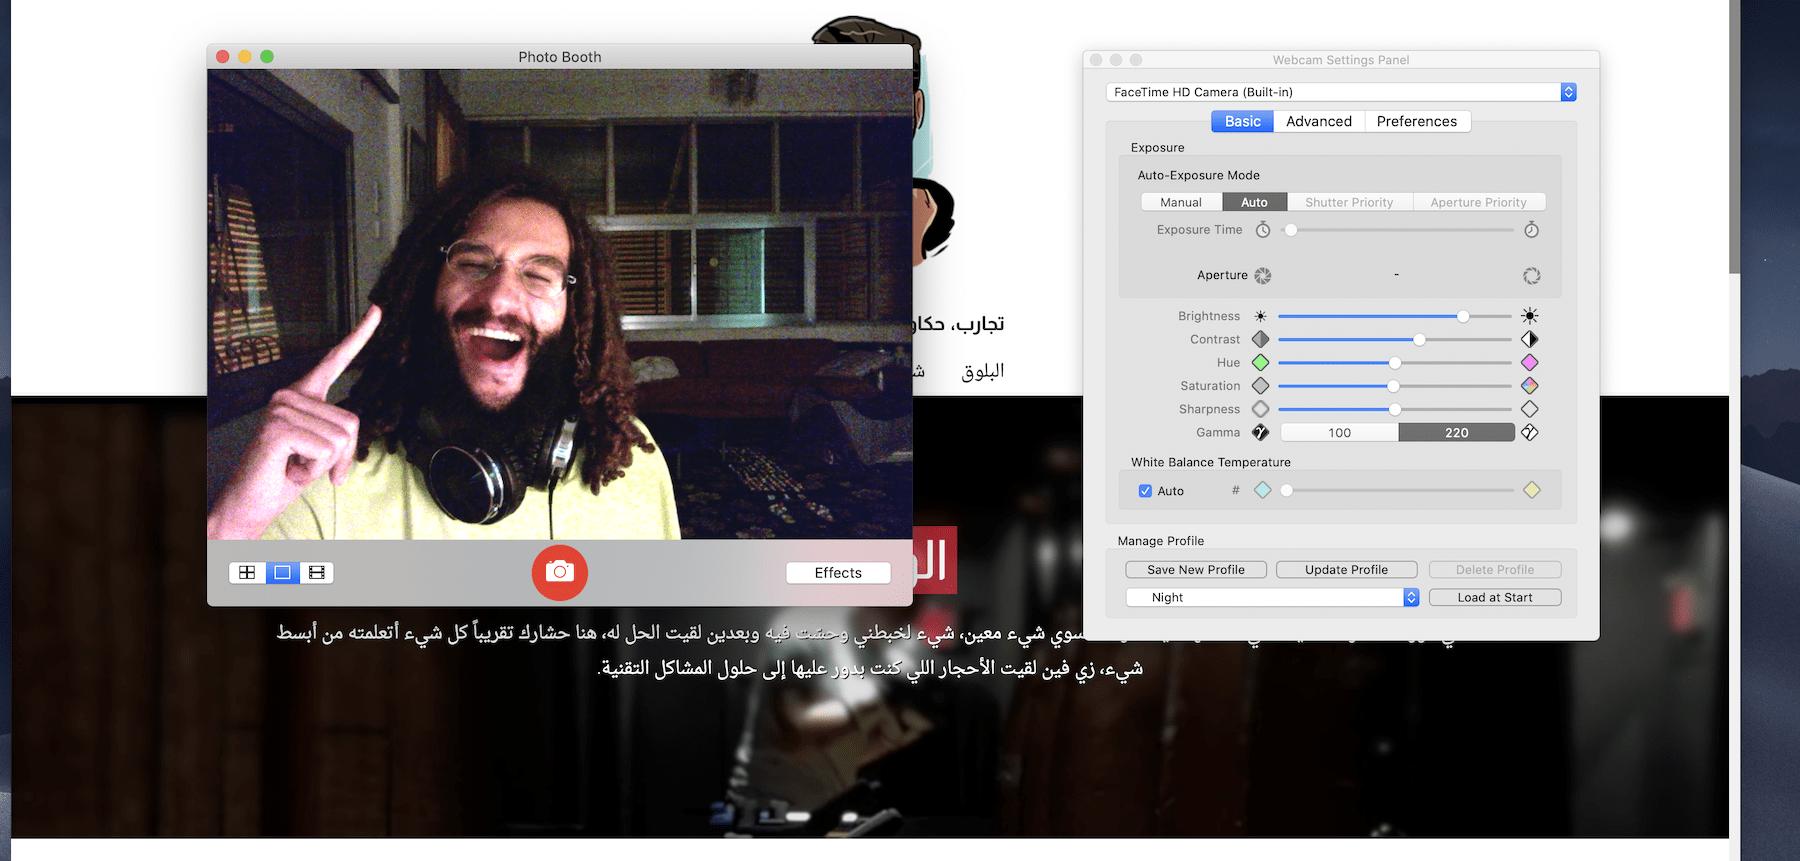 بودكاست كيف زبطت كاميرا الـ iMac 🖥